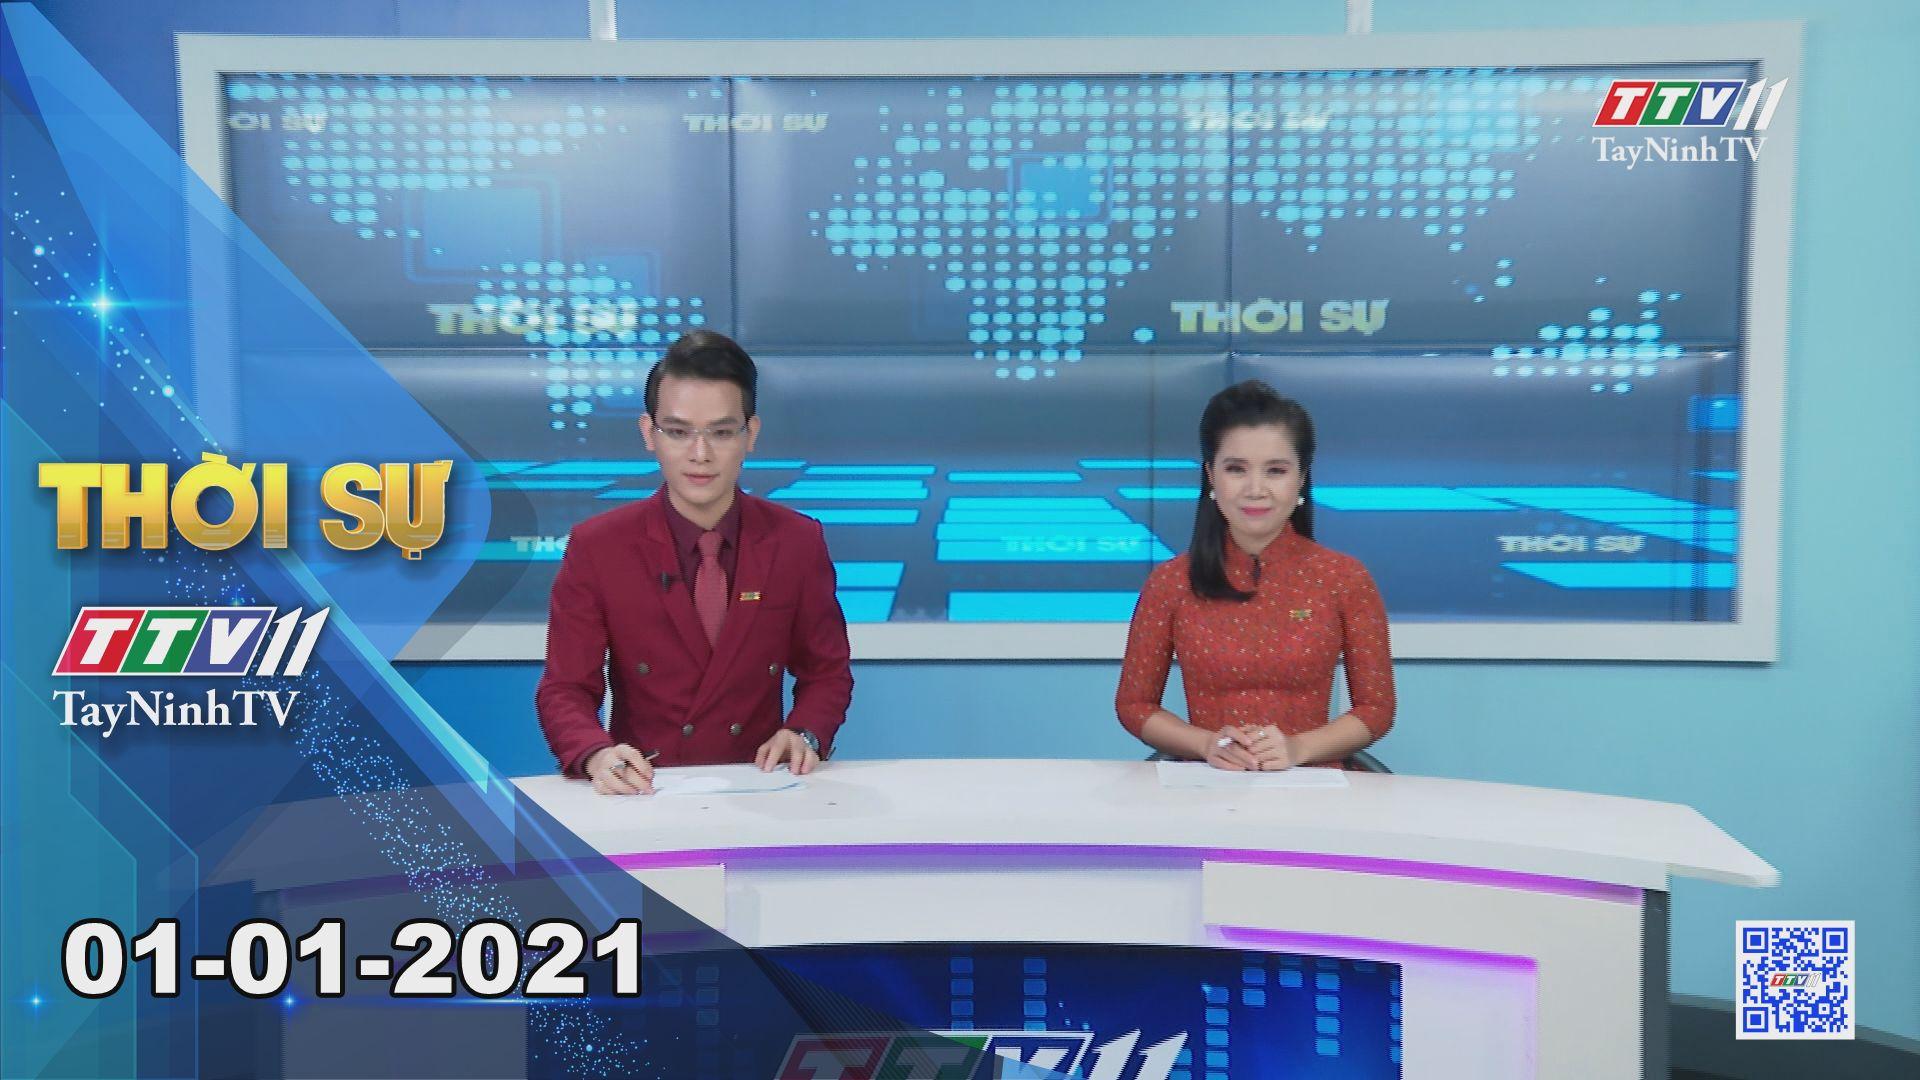 Thời sự Tây Ninh 01-01-2021 | Tin tức hôm nay | TayNinhTV